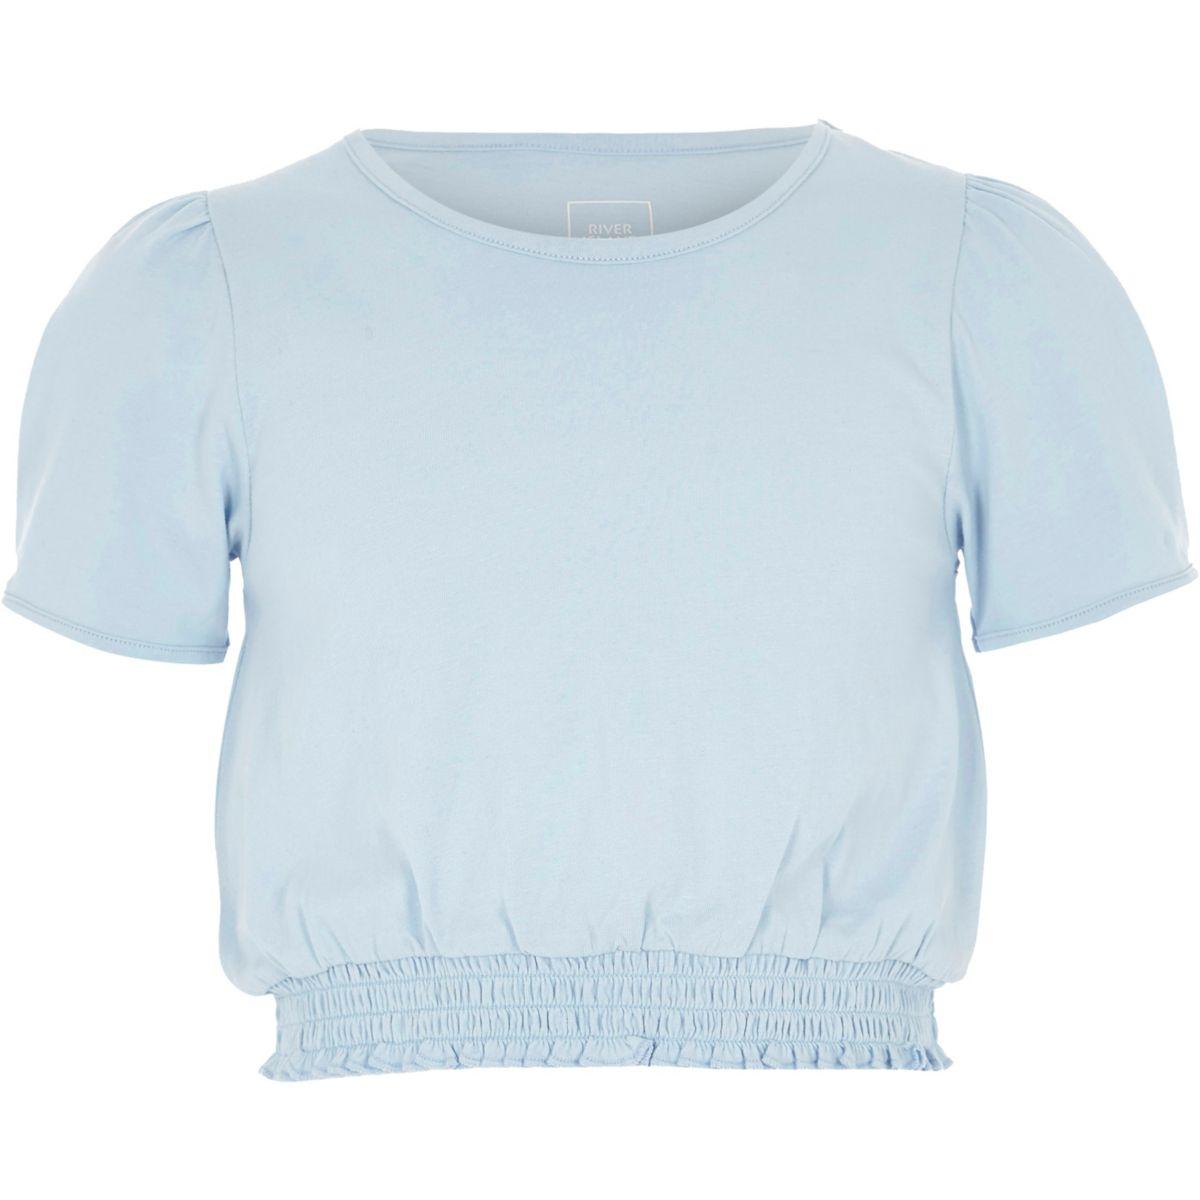 T-shirt bleu froncé à manches courtes bouffantes pour fille